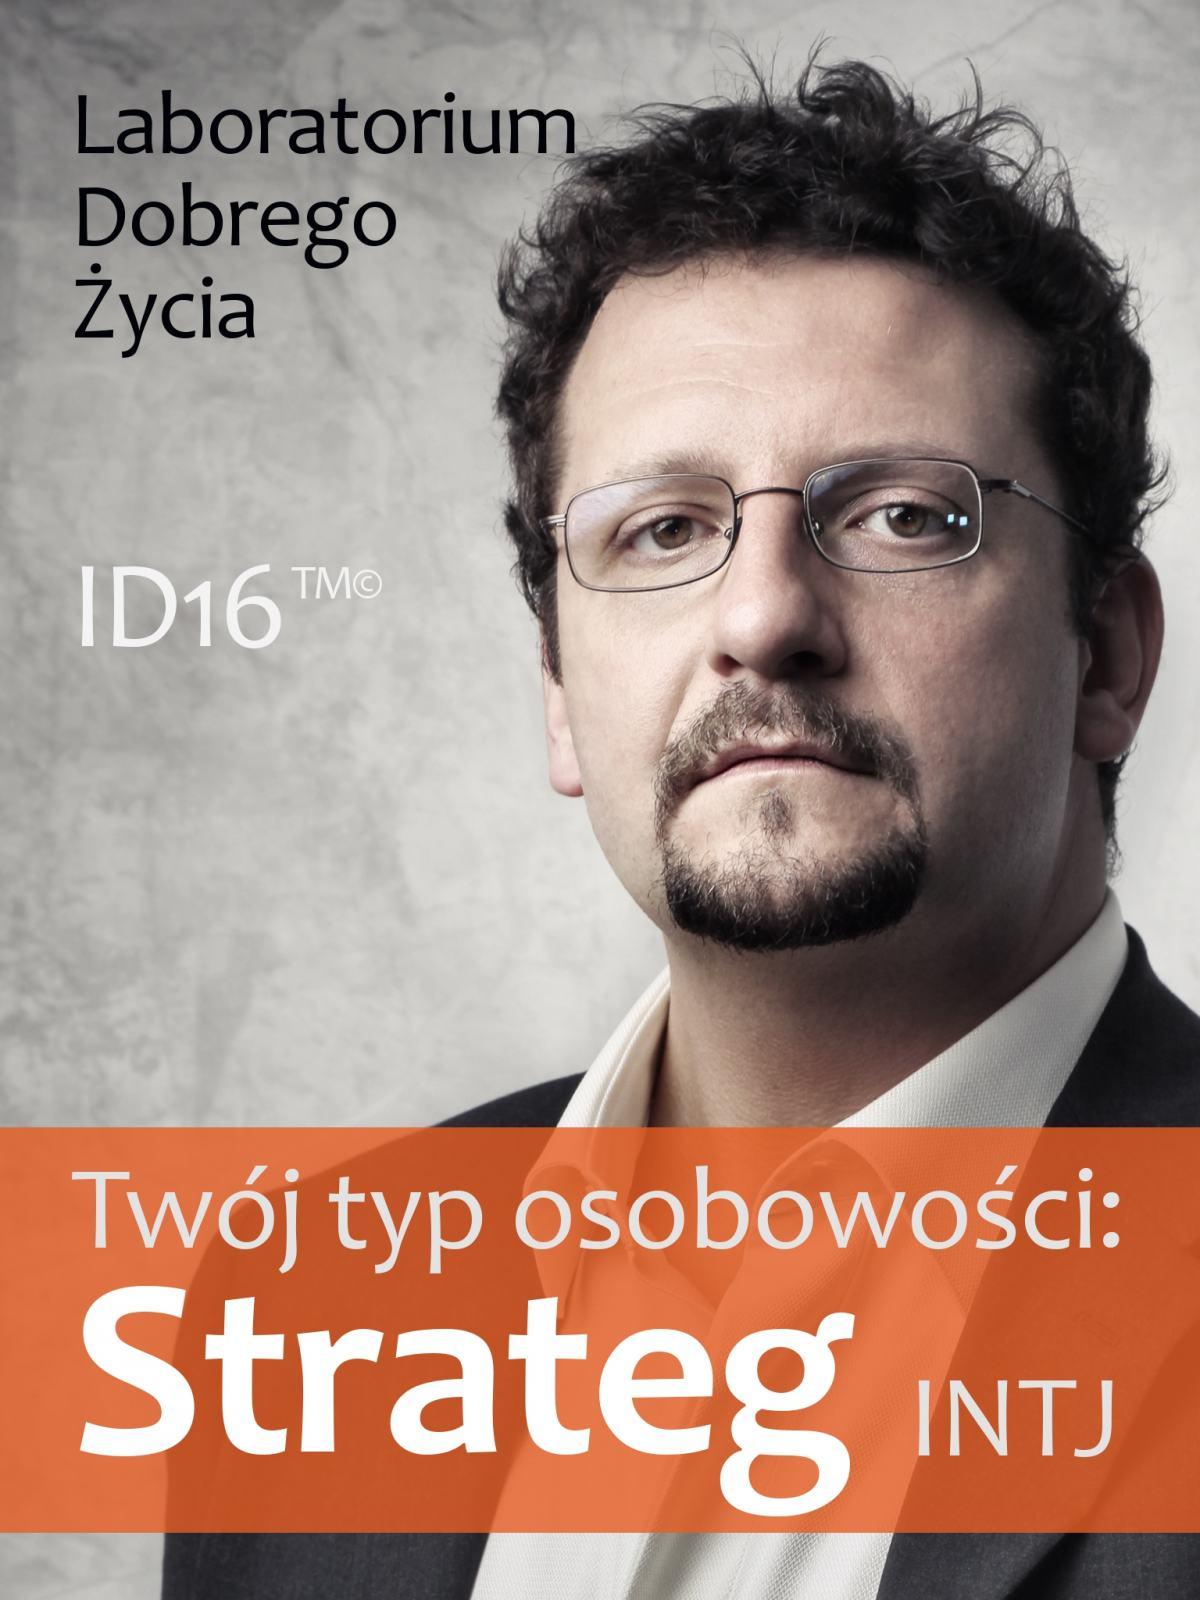 Twój typ osobowości: Strateg (INTJ) - Ebook (Książka PDF) do pobrania w formacie PDF